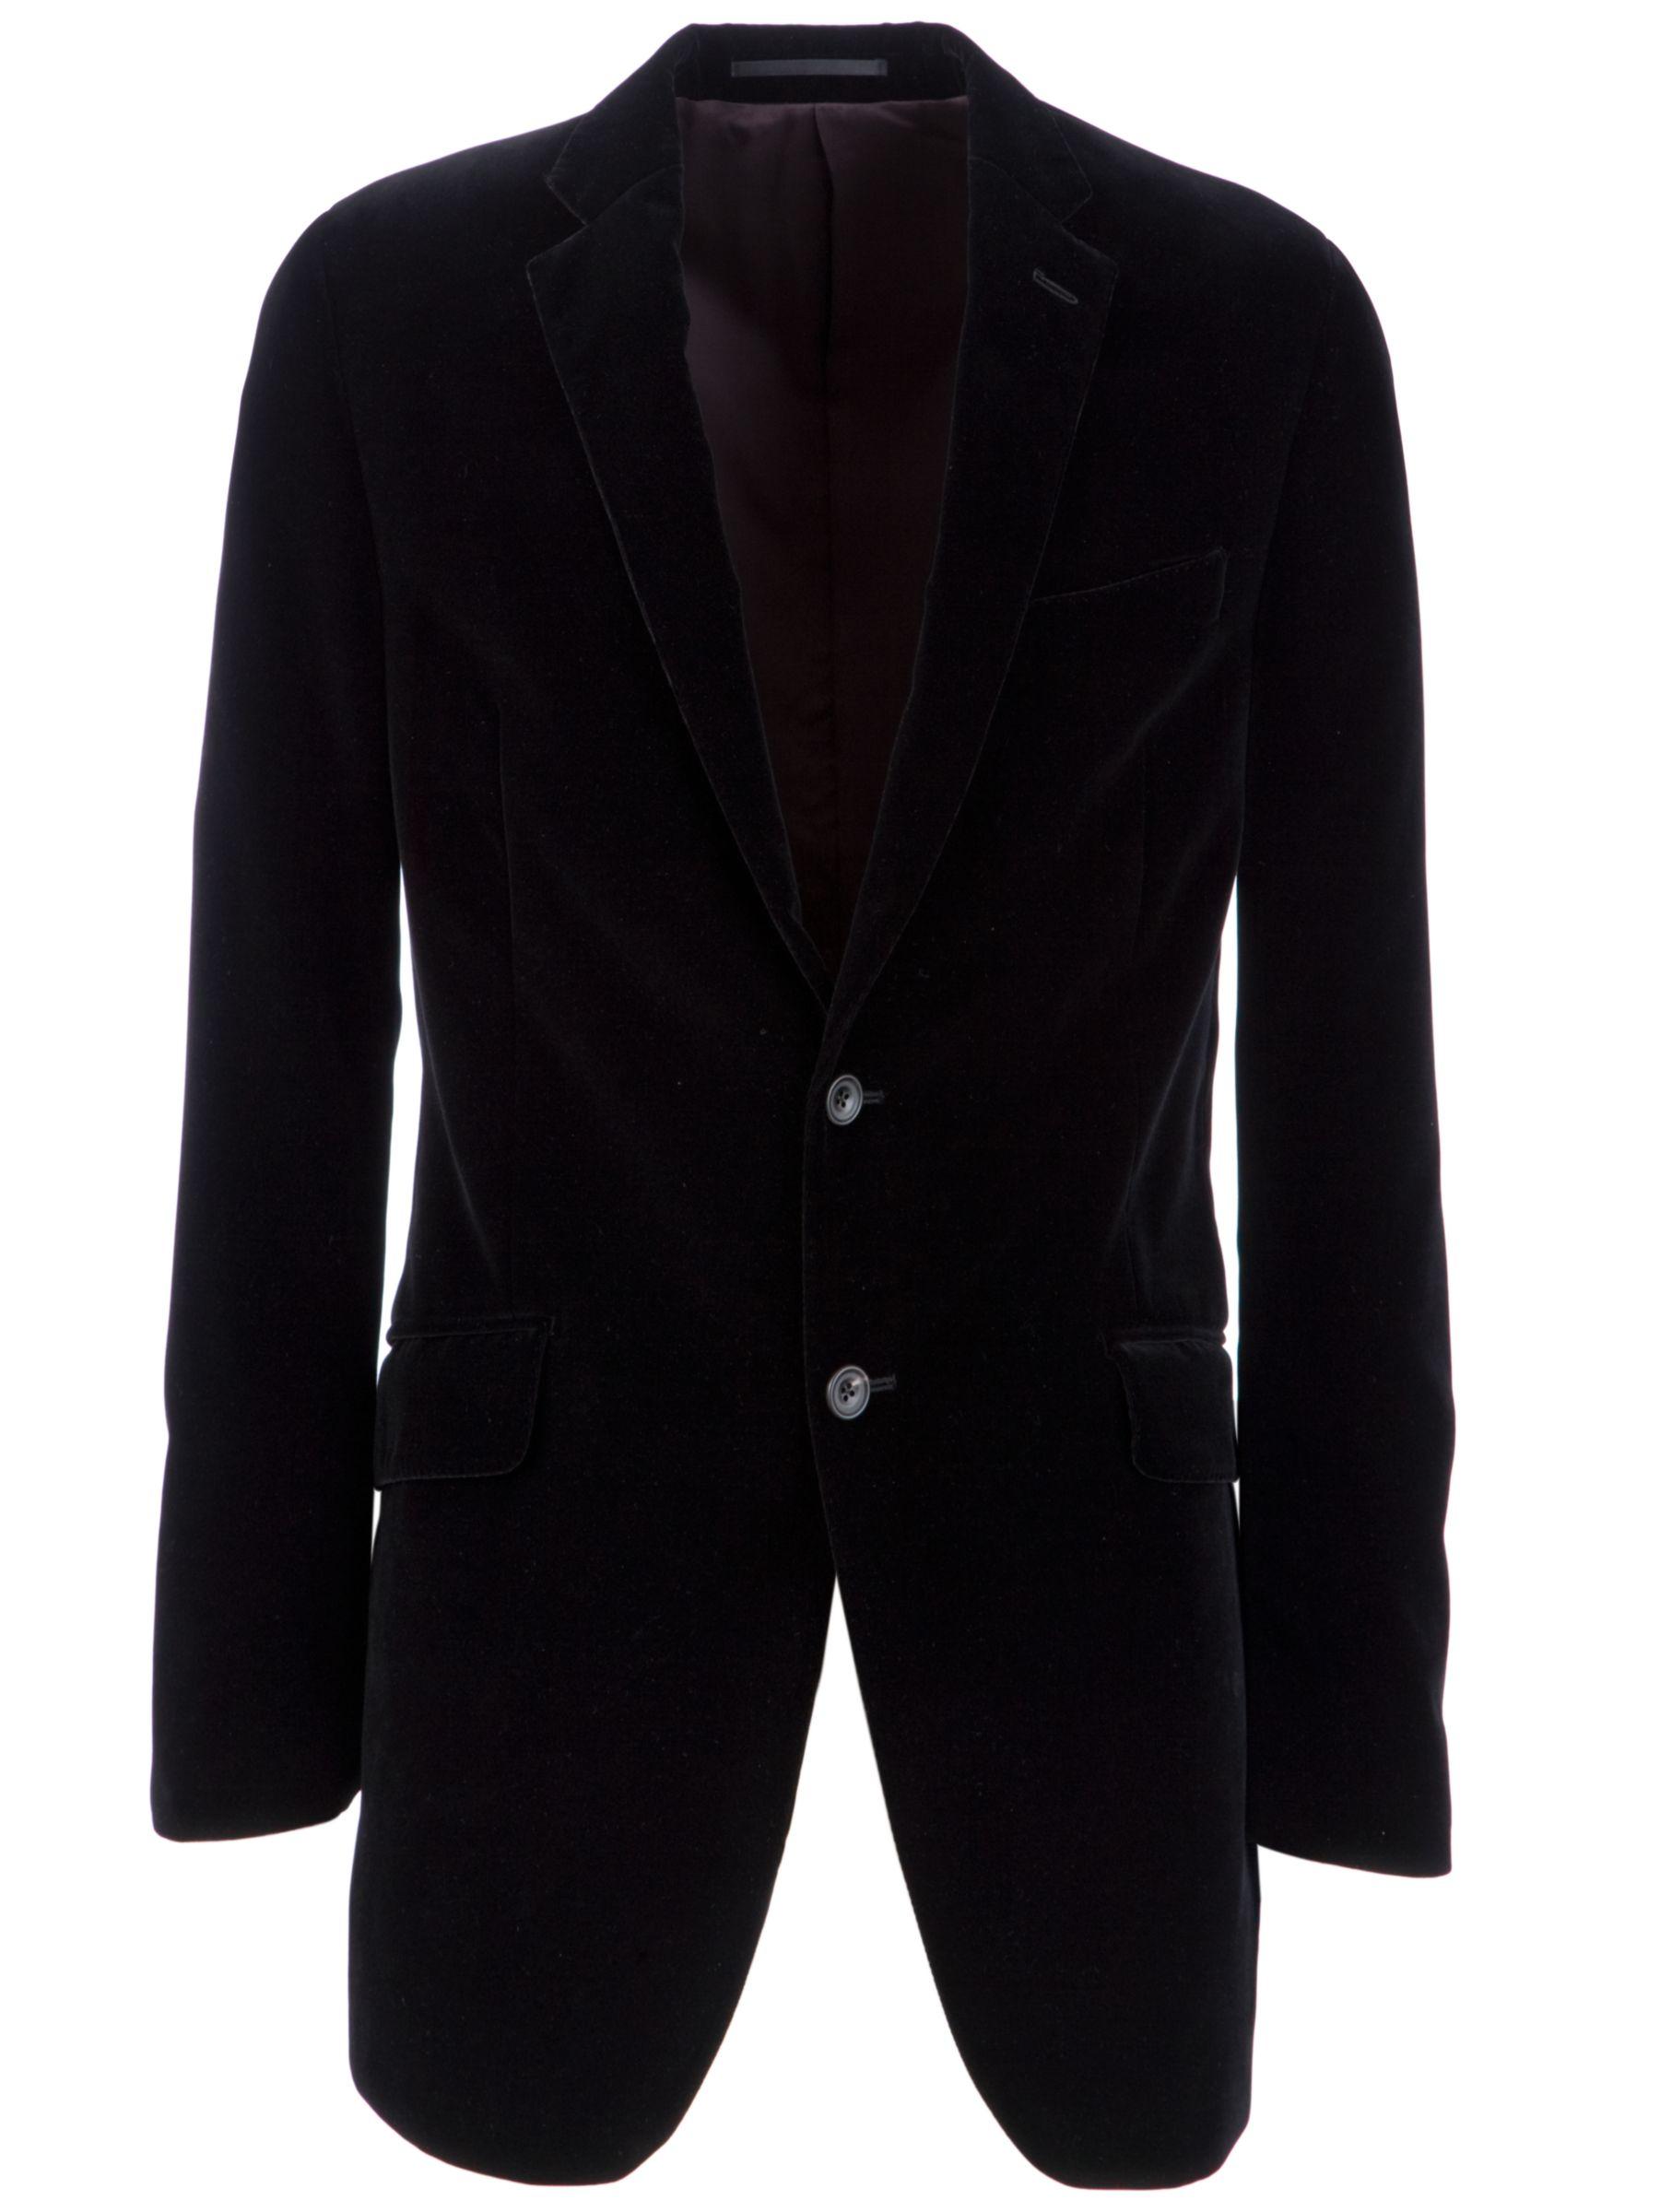 Mayfair Richard James Velvet Jacket, Black at John Lewis